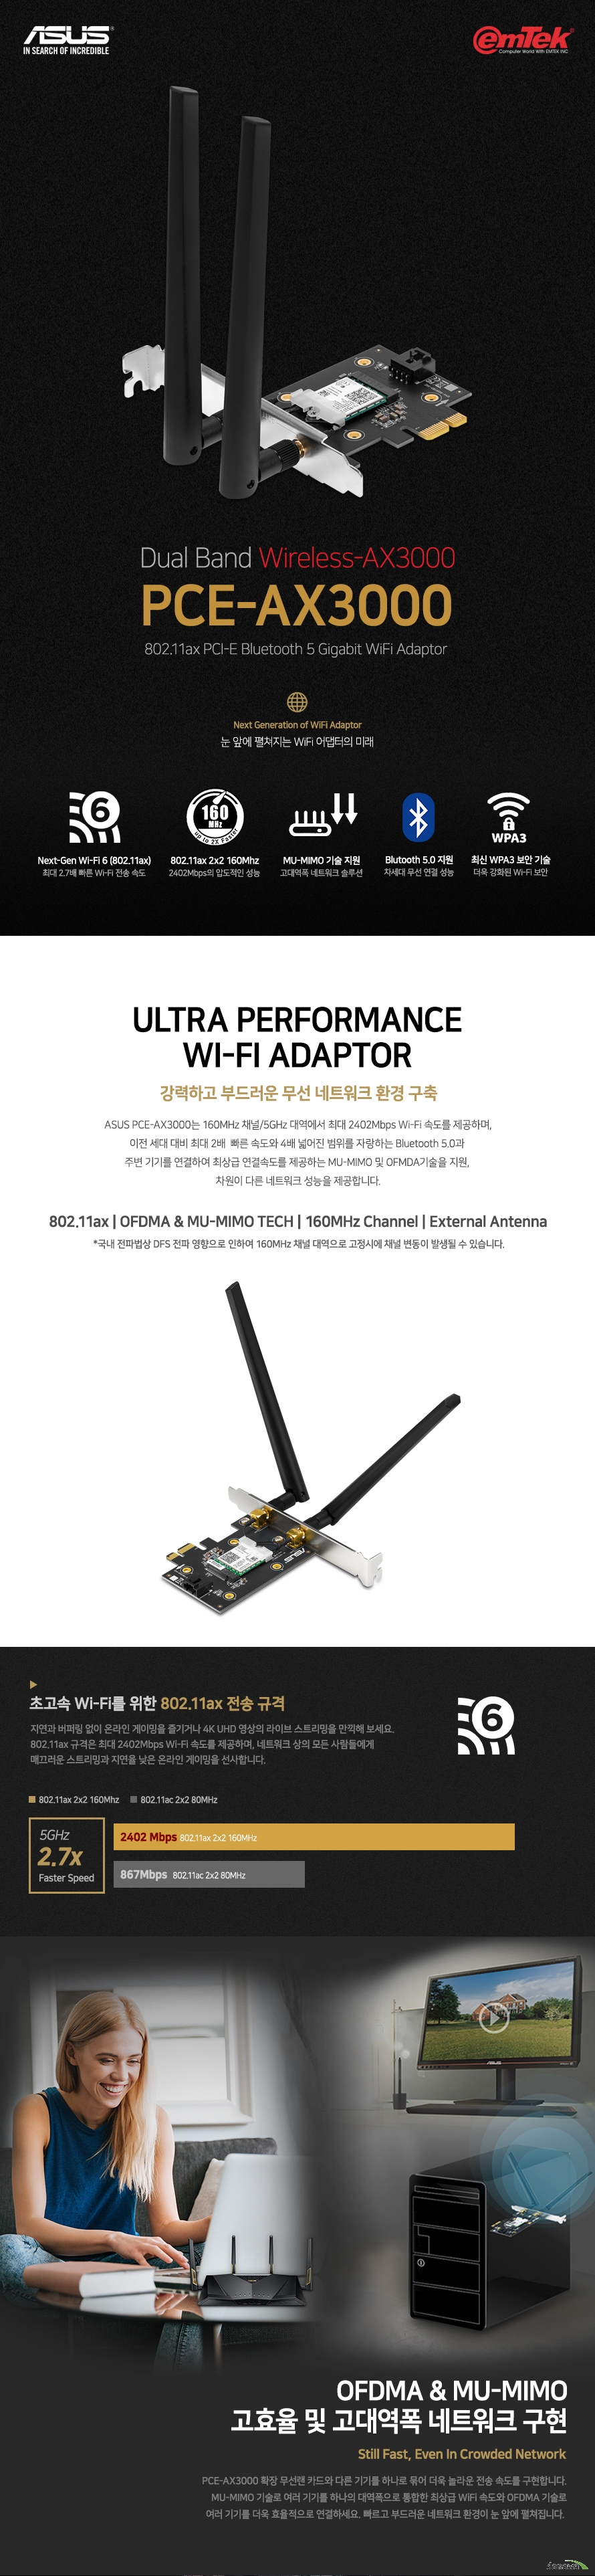 Dual Band Wireless-AX3000 PCE-AX3000 802.11ax PCI-E Bluetooth 5 Gigabit WiFi Adaptor  Next Generation of WiFi Adaptor 눈 앞에 펼쳐지는 WiFi 어댑터의 미래  Next-Gen Wi-Fi 6 (802.11ax) 최대 2.7배 빠른 Wi-Fi 전송 속도 802.11ax 2x2 160Mhz 2402Mbps의 압도적인 성능 MU-MIMO 기술 지원 고대역폭 네트워크 솔루션 Blutooth 5.0 지원 차세대 무선 연결 성능 최신 WPA3 보안 기술 더욱 강화된 Wi-Fi 보안  ULTRA PERFORMANCE WI-FI ADAPTOR 강력하고 부드러운 무선 네트워크 환경 구축  ASUS PCE-AX3000는 160MHz 채널/5GHz 대역에서 최대 2402Mbps Wi-Fi 속도를 제공하며, 이전 세대 대비 최대 2배  빠른 속도와 4배 넓어진 범위를 자랑하는 Bluetooth 5.0과 주변 기기를 연결하여 최상급 연결속도를 제공하는 MU-MIMO 및 OFMDA기술을 지원, 차원이 다른 네트워크 성능을 제공합니다.  802.11ax | OFDMA & MU-MIMO TECH | 160MHz Channel | External Antenna *국내 전파법상 DFS 전파 영향으로 인하여 160MHz 채널 대역으로 고정시에 채널 변동이 발생될 수 있습니다.   초고속 Wi-Fi를 위한 802.11ax 전송 규격 지연과 버퍼링 없이 온라인 게이밍을 즐기거나 4K UHD 영상의 라이브 스트리밍을 만끽해 보세요. 802.11ax 규격은 최대 2402Mbps Wi-Fi 속도를 제공하며, 네트워크 상의 모든 사람들에게 매끄러운 스트리밍과 지연율 낮은 온라인 게이밍을 선사합니다.   OFDMA & MU-MIMO 고효율 및 고대역폭 네트워크 구현 Still Fast, Even In Crowded Network PCE-AX3000 확장 무선랜 카드와 다른 기기를 하나로 묶어 더욱 놀라운 전송 속도를 구현합니다. MU-MIMO 기술로 여러 기기를 하나의 대역폭으로 통합한 최상급 WiFi 속도와 OFDMA 기술로 여러 기기를 더욱 효율적으로 연결하세요. 빠르고 부드러운 네트워크 환경이 눈 앞에 펼쳐집니다.   최신 Bluetooth 5.0 기술 지원 Instant Blutooth Upgrade - 2X Faster and 4X Wider 이전 세대 대비 2배 빨라진 전송속도와 4배 넓어진 전송 영역으로 더욱 강력해진 Bluetooth 5.0 기술을 지원하여 여러분의 무선 인터넷 연결을 편리하고 즐겁게 만들어 줍니다. 여러분의 무선 기기들을 빠르게 연결하고 마음껏 즐기세요.  최신 WPA3 네트워크 보안 적용 The latest WPA3 Network Security 더욱 강화된 보안 성능을 제공하는 WPA3 네트워크 보안 기준을 적용하여 예측할 수 없는 외부 공격으로부터 여러분의 네트워크를 안전하게 보호하고 언제나 다양한 데이터를 걱정없이 관리할 수 있습니다.  제품 상세 사양  네트워크 표준 :  IEEE 802.11ax, Bluetooth® 5.0 블루투스 지원 :  블루투스 5.0 제품 세그먼트 : AX3000 (2402Mbps + 574Mbps) 인터페이스 :PCI Express  데이터 레이트 802.11a : up to 54 Mbps 802.11b : up to 11 Mbps 802.11g : up to 54 Mbps 802.11n : up to 300 Mbps 802.11ac : up to 1733 Mbps 802.11ax (2.4GHz) : up to 574 Mbps 802.11ax (5GHz) : up to 2402 Mbps  안테나 : External antenna 송수신 : MU-MIMO technology, OFDMA 동작 주파수 : 2.4GHz / 5GHz OS 지원 : Windows® 10 64-bit KC 인증 : R-R-MSQ-PCE-AX3000  최고의 품질 보증, 완전 밀봉 비닐 포장 믿을 수 있는 완전한 새 제품, 안심하